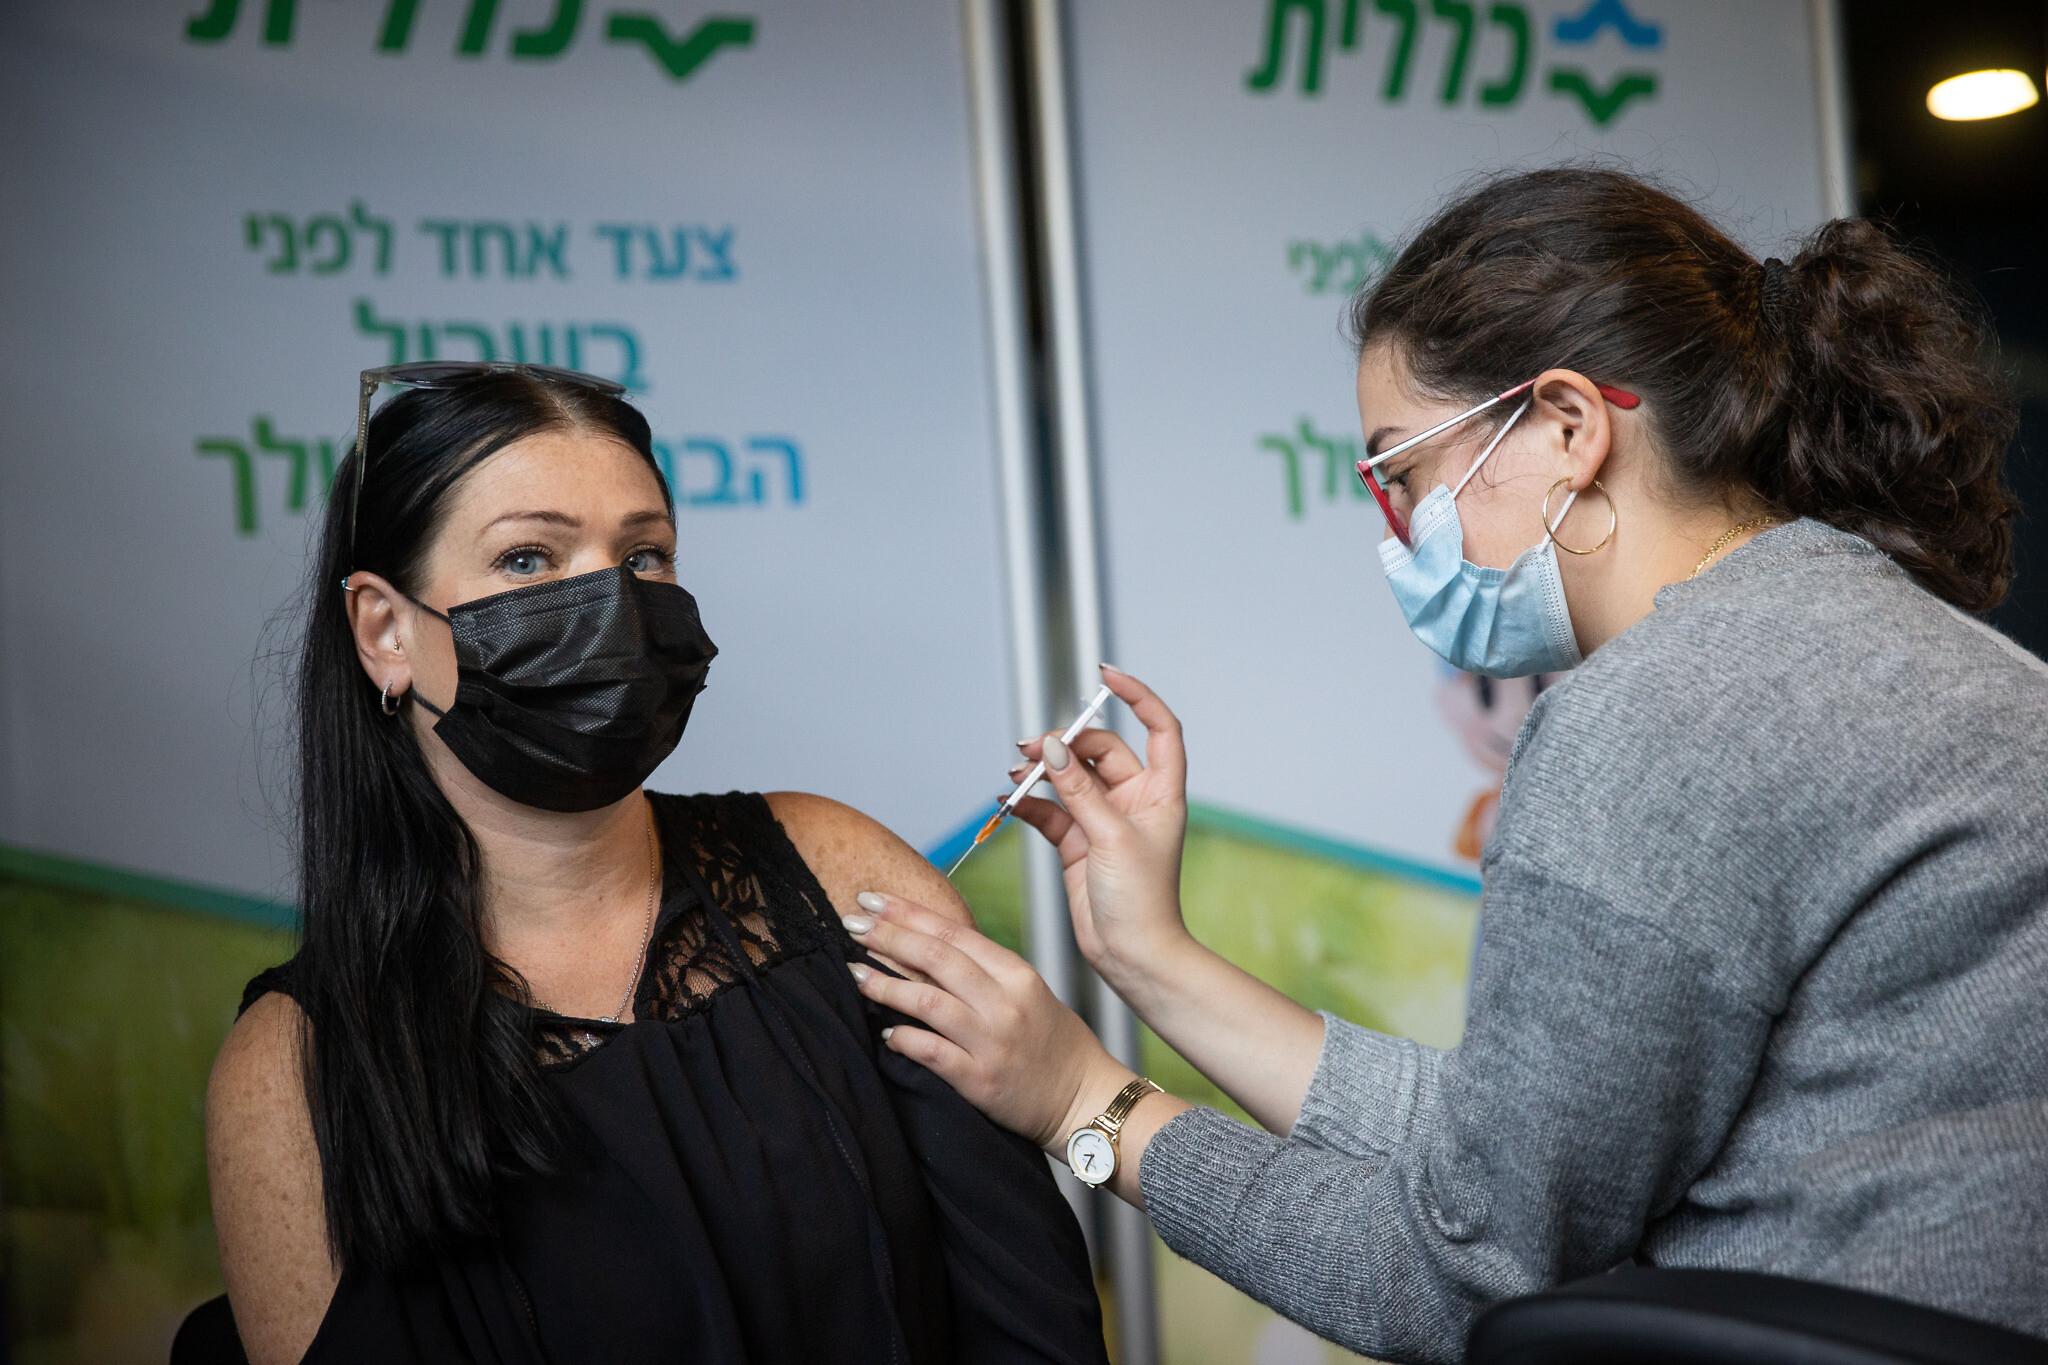 nők israel tudni társkereső muri gyilkos